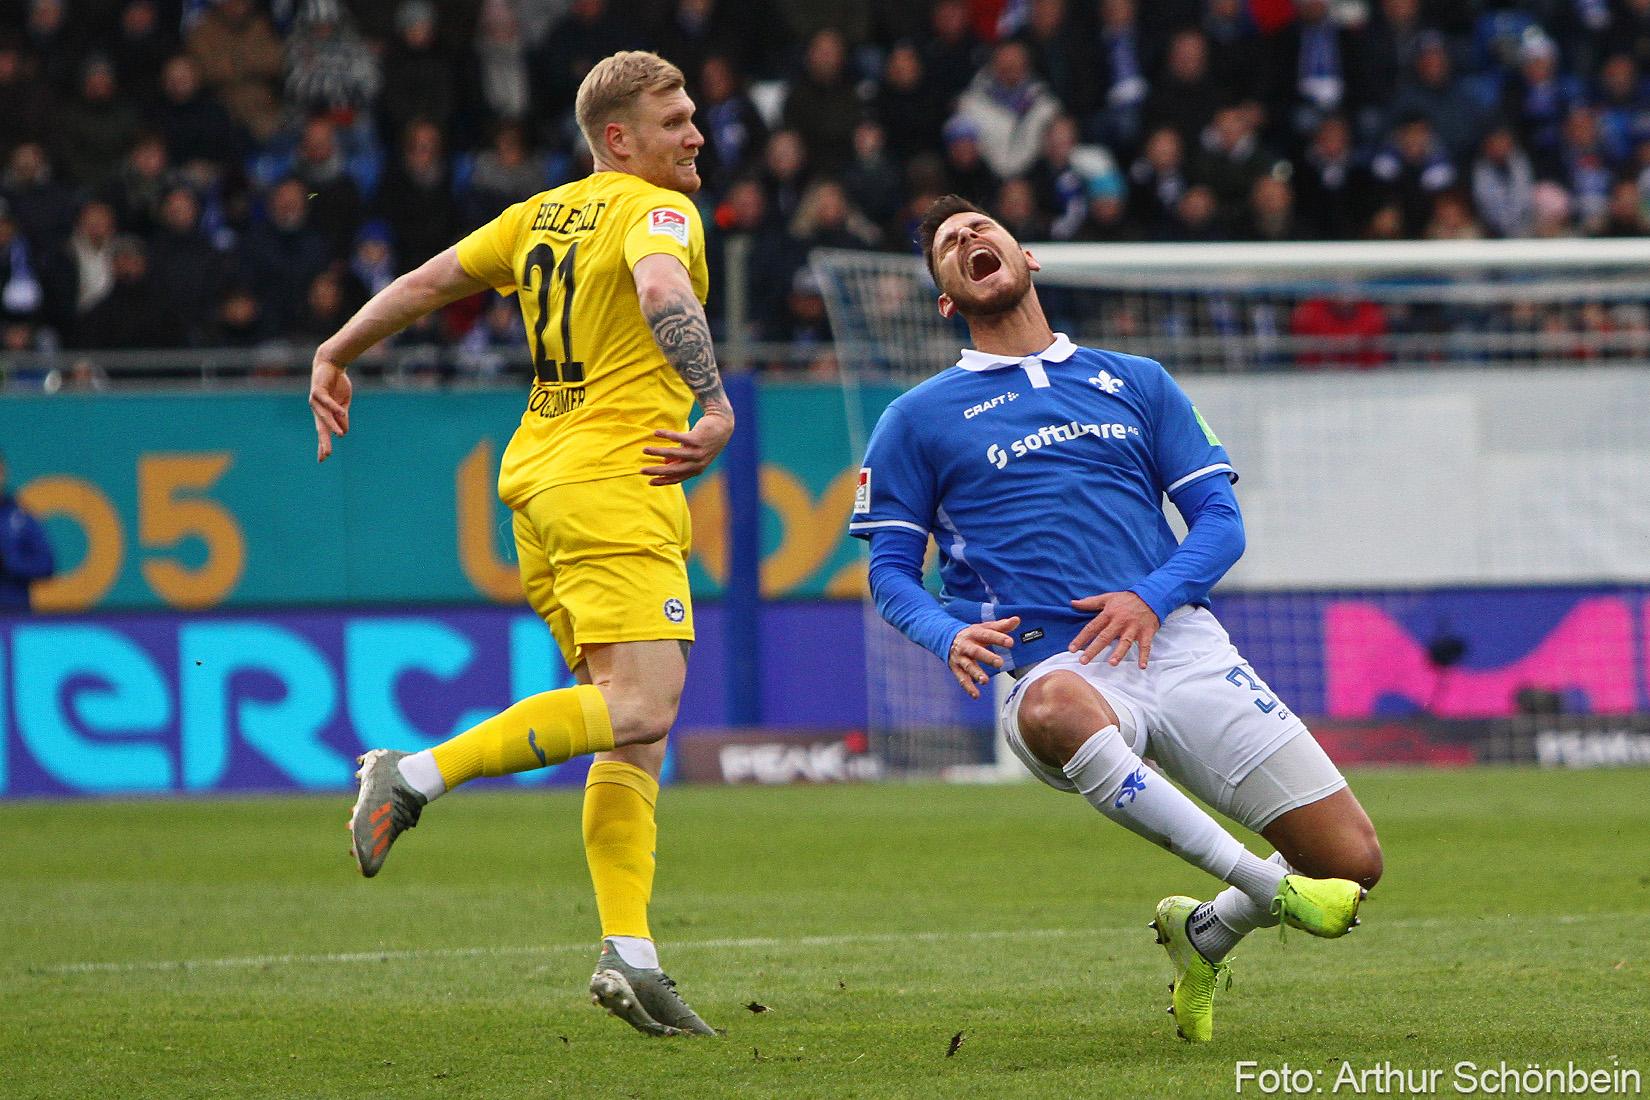 Impressionen vom Spiel gegen Arminia Bielefeld